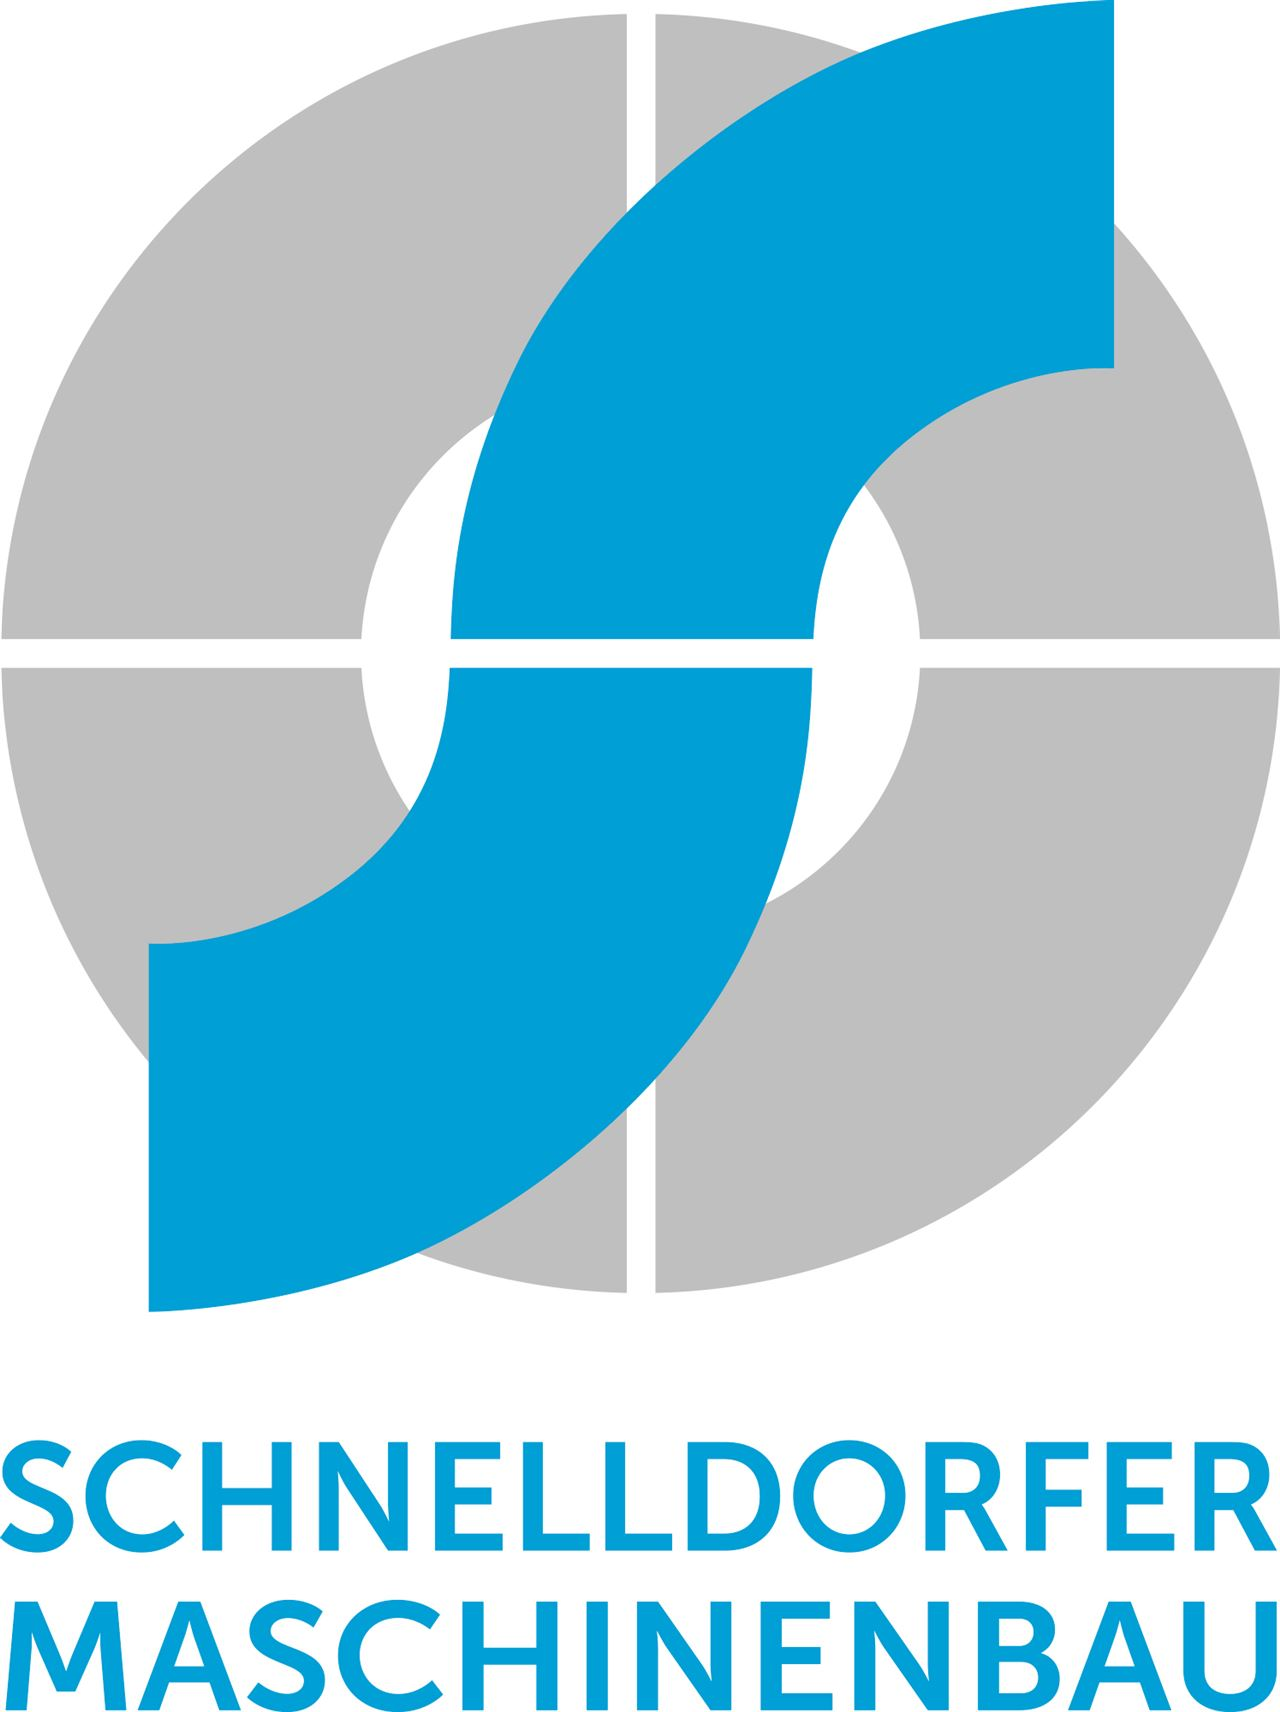 Schnelldorfer Maschinenbau